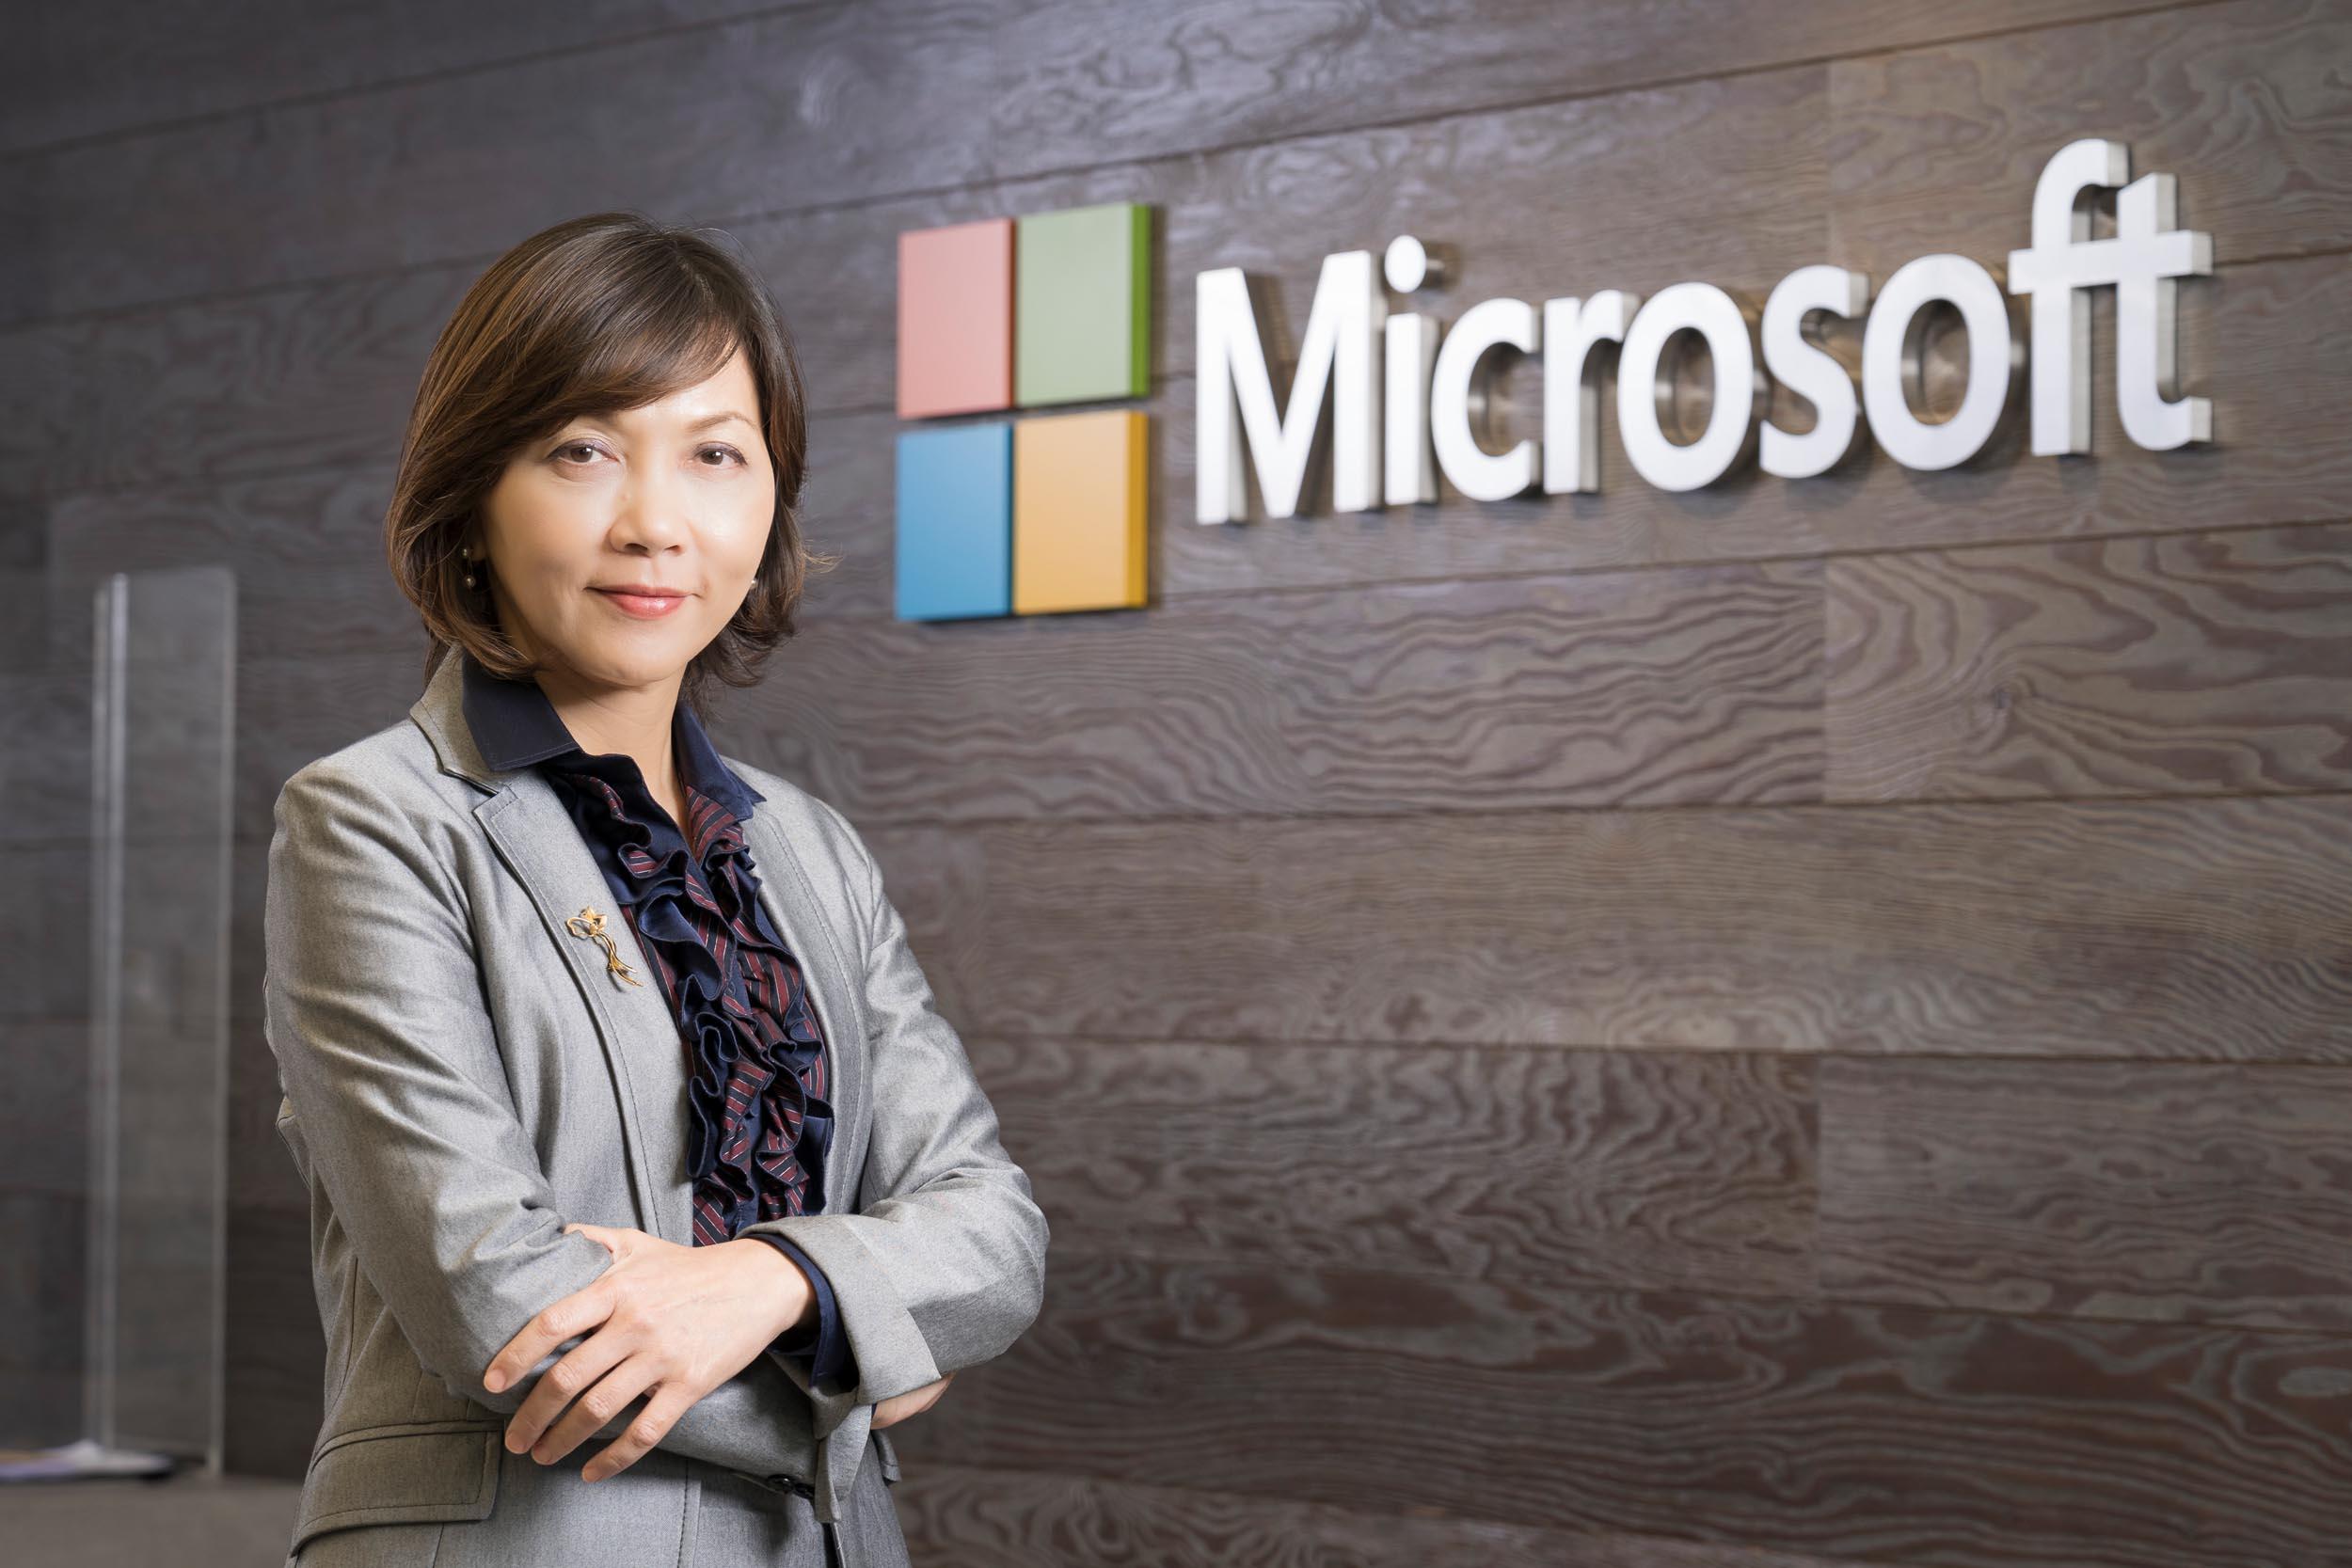 台灣微軟人事佈達 陳慧蓉接任台灣微軟首席營運長